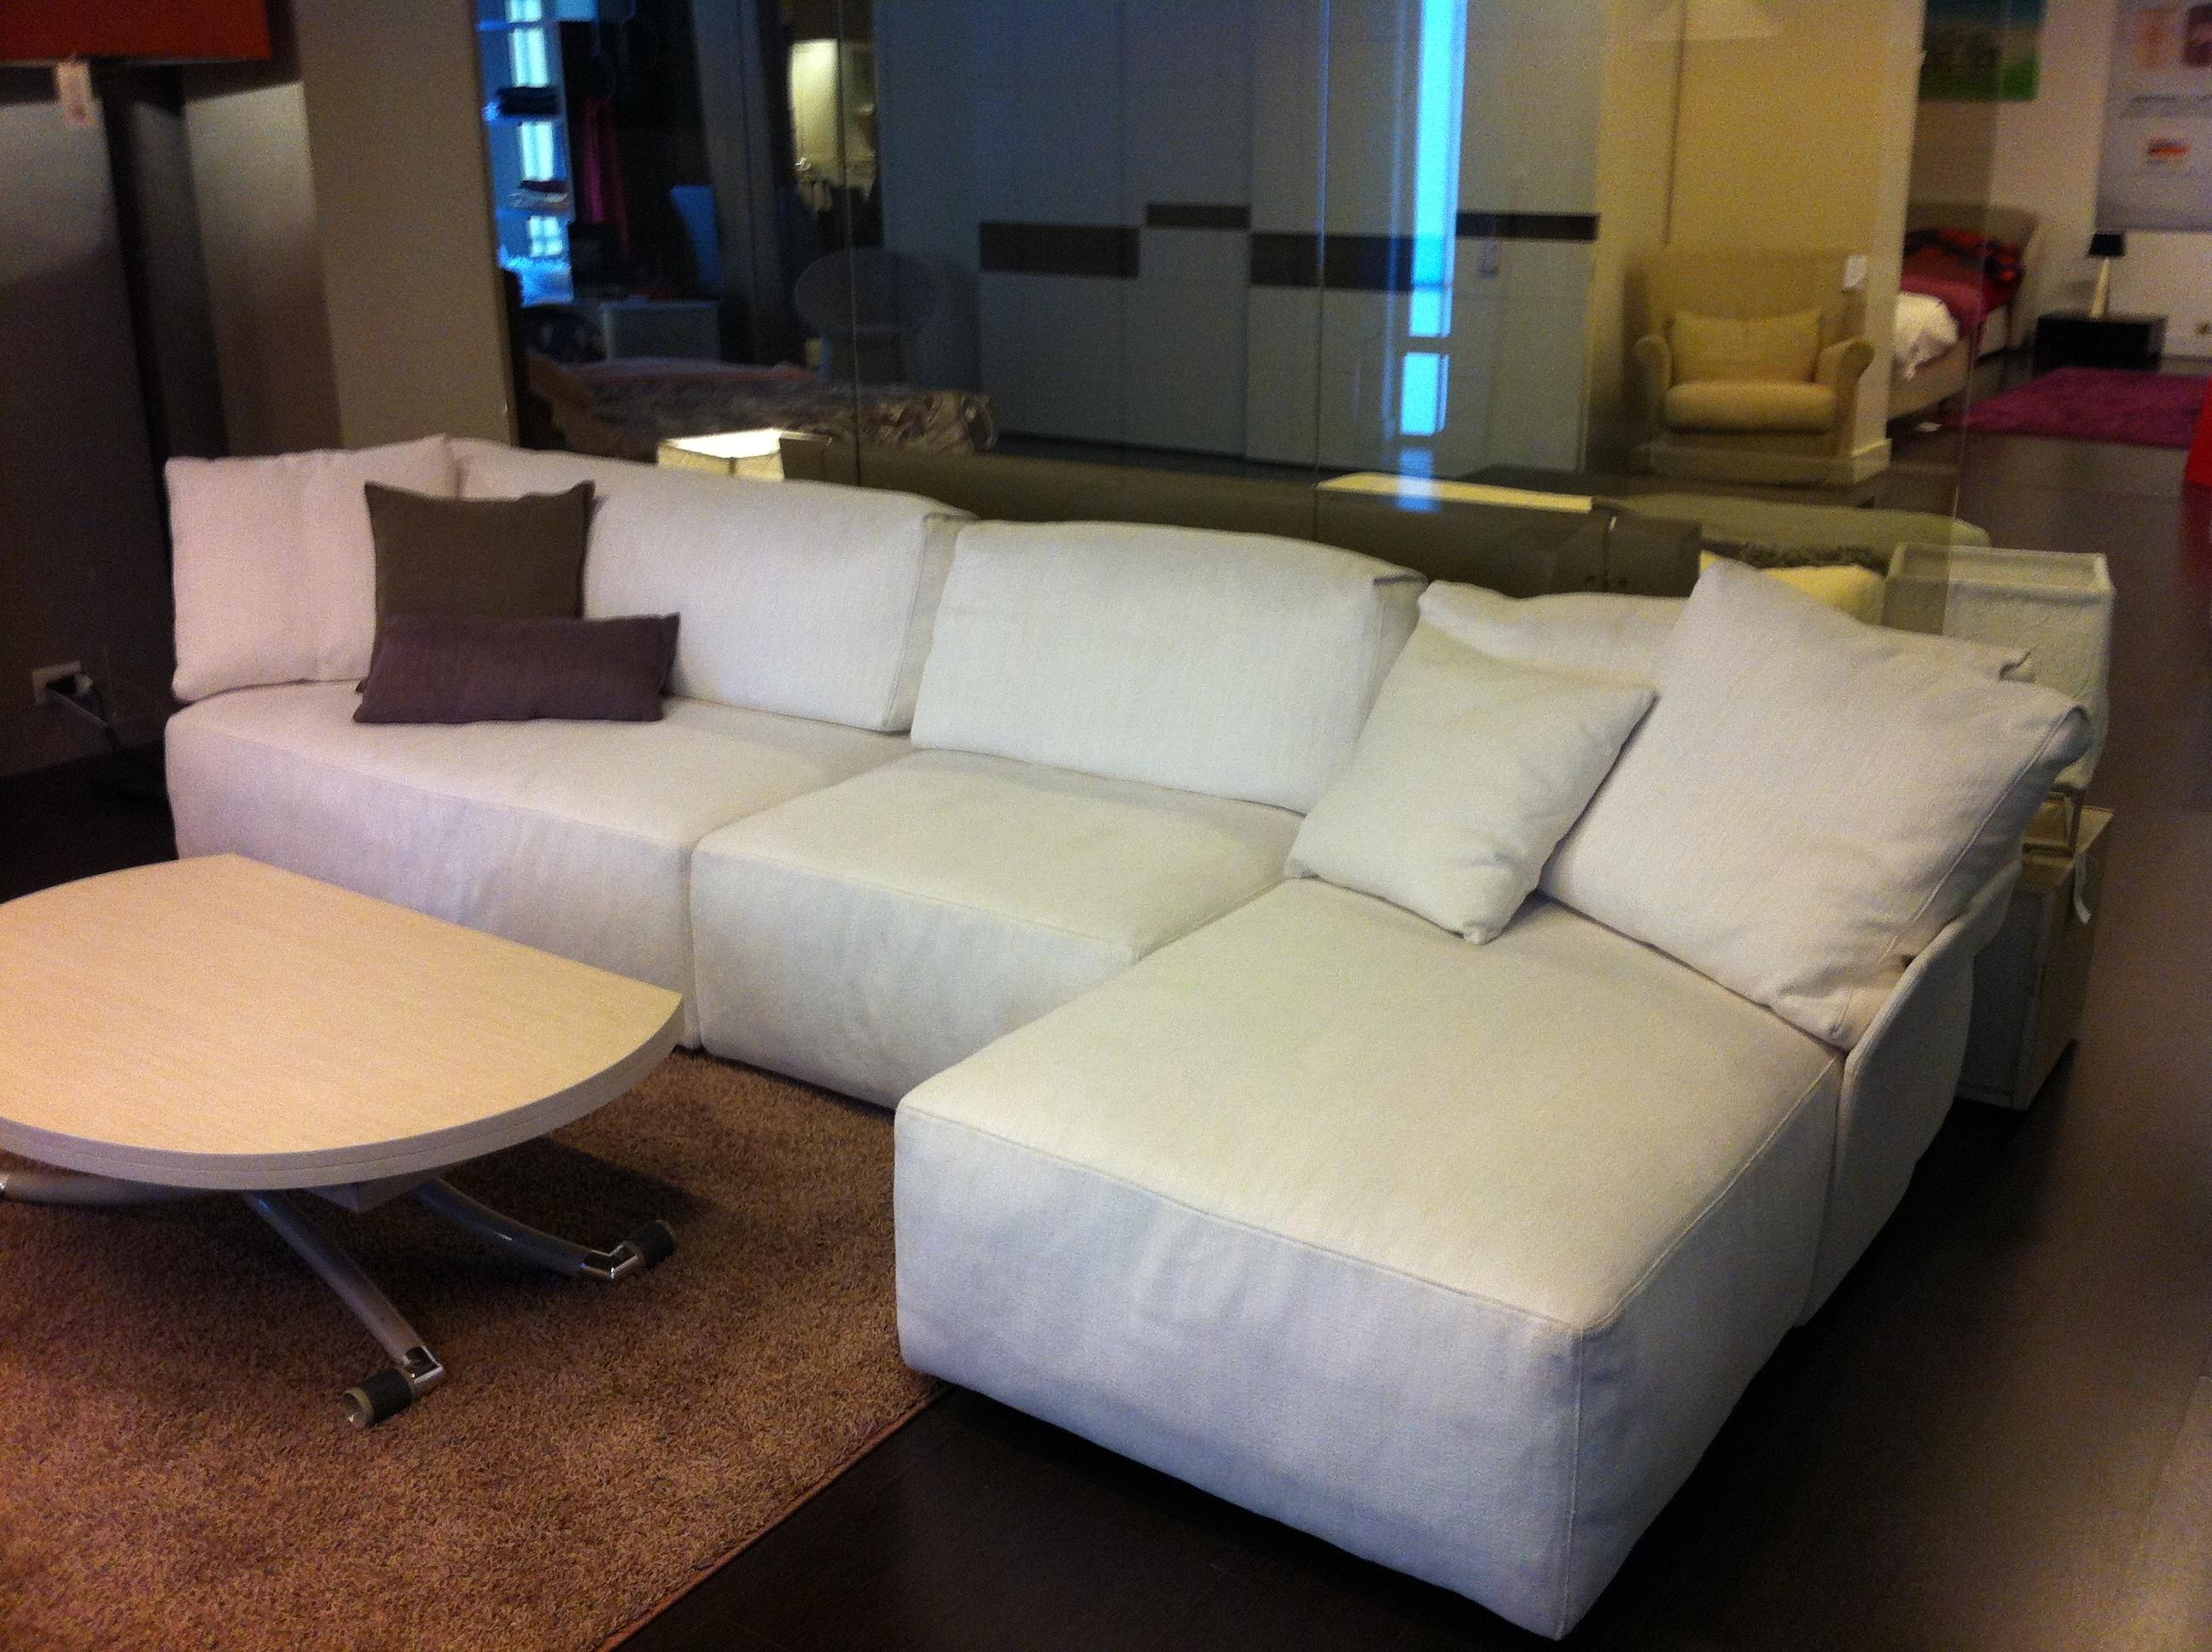 Divani letto prezzi bassi cerco divani in offerta mondo - Divani prezzi bassi ...